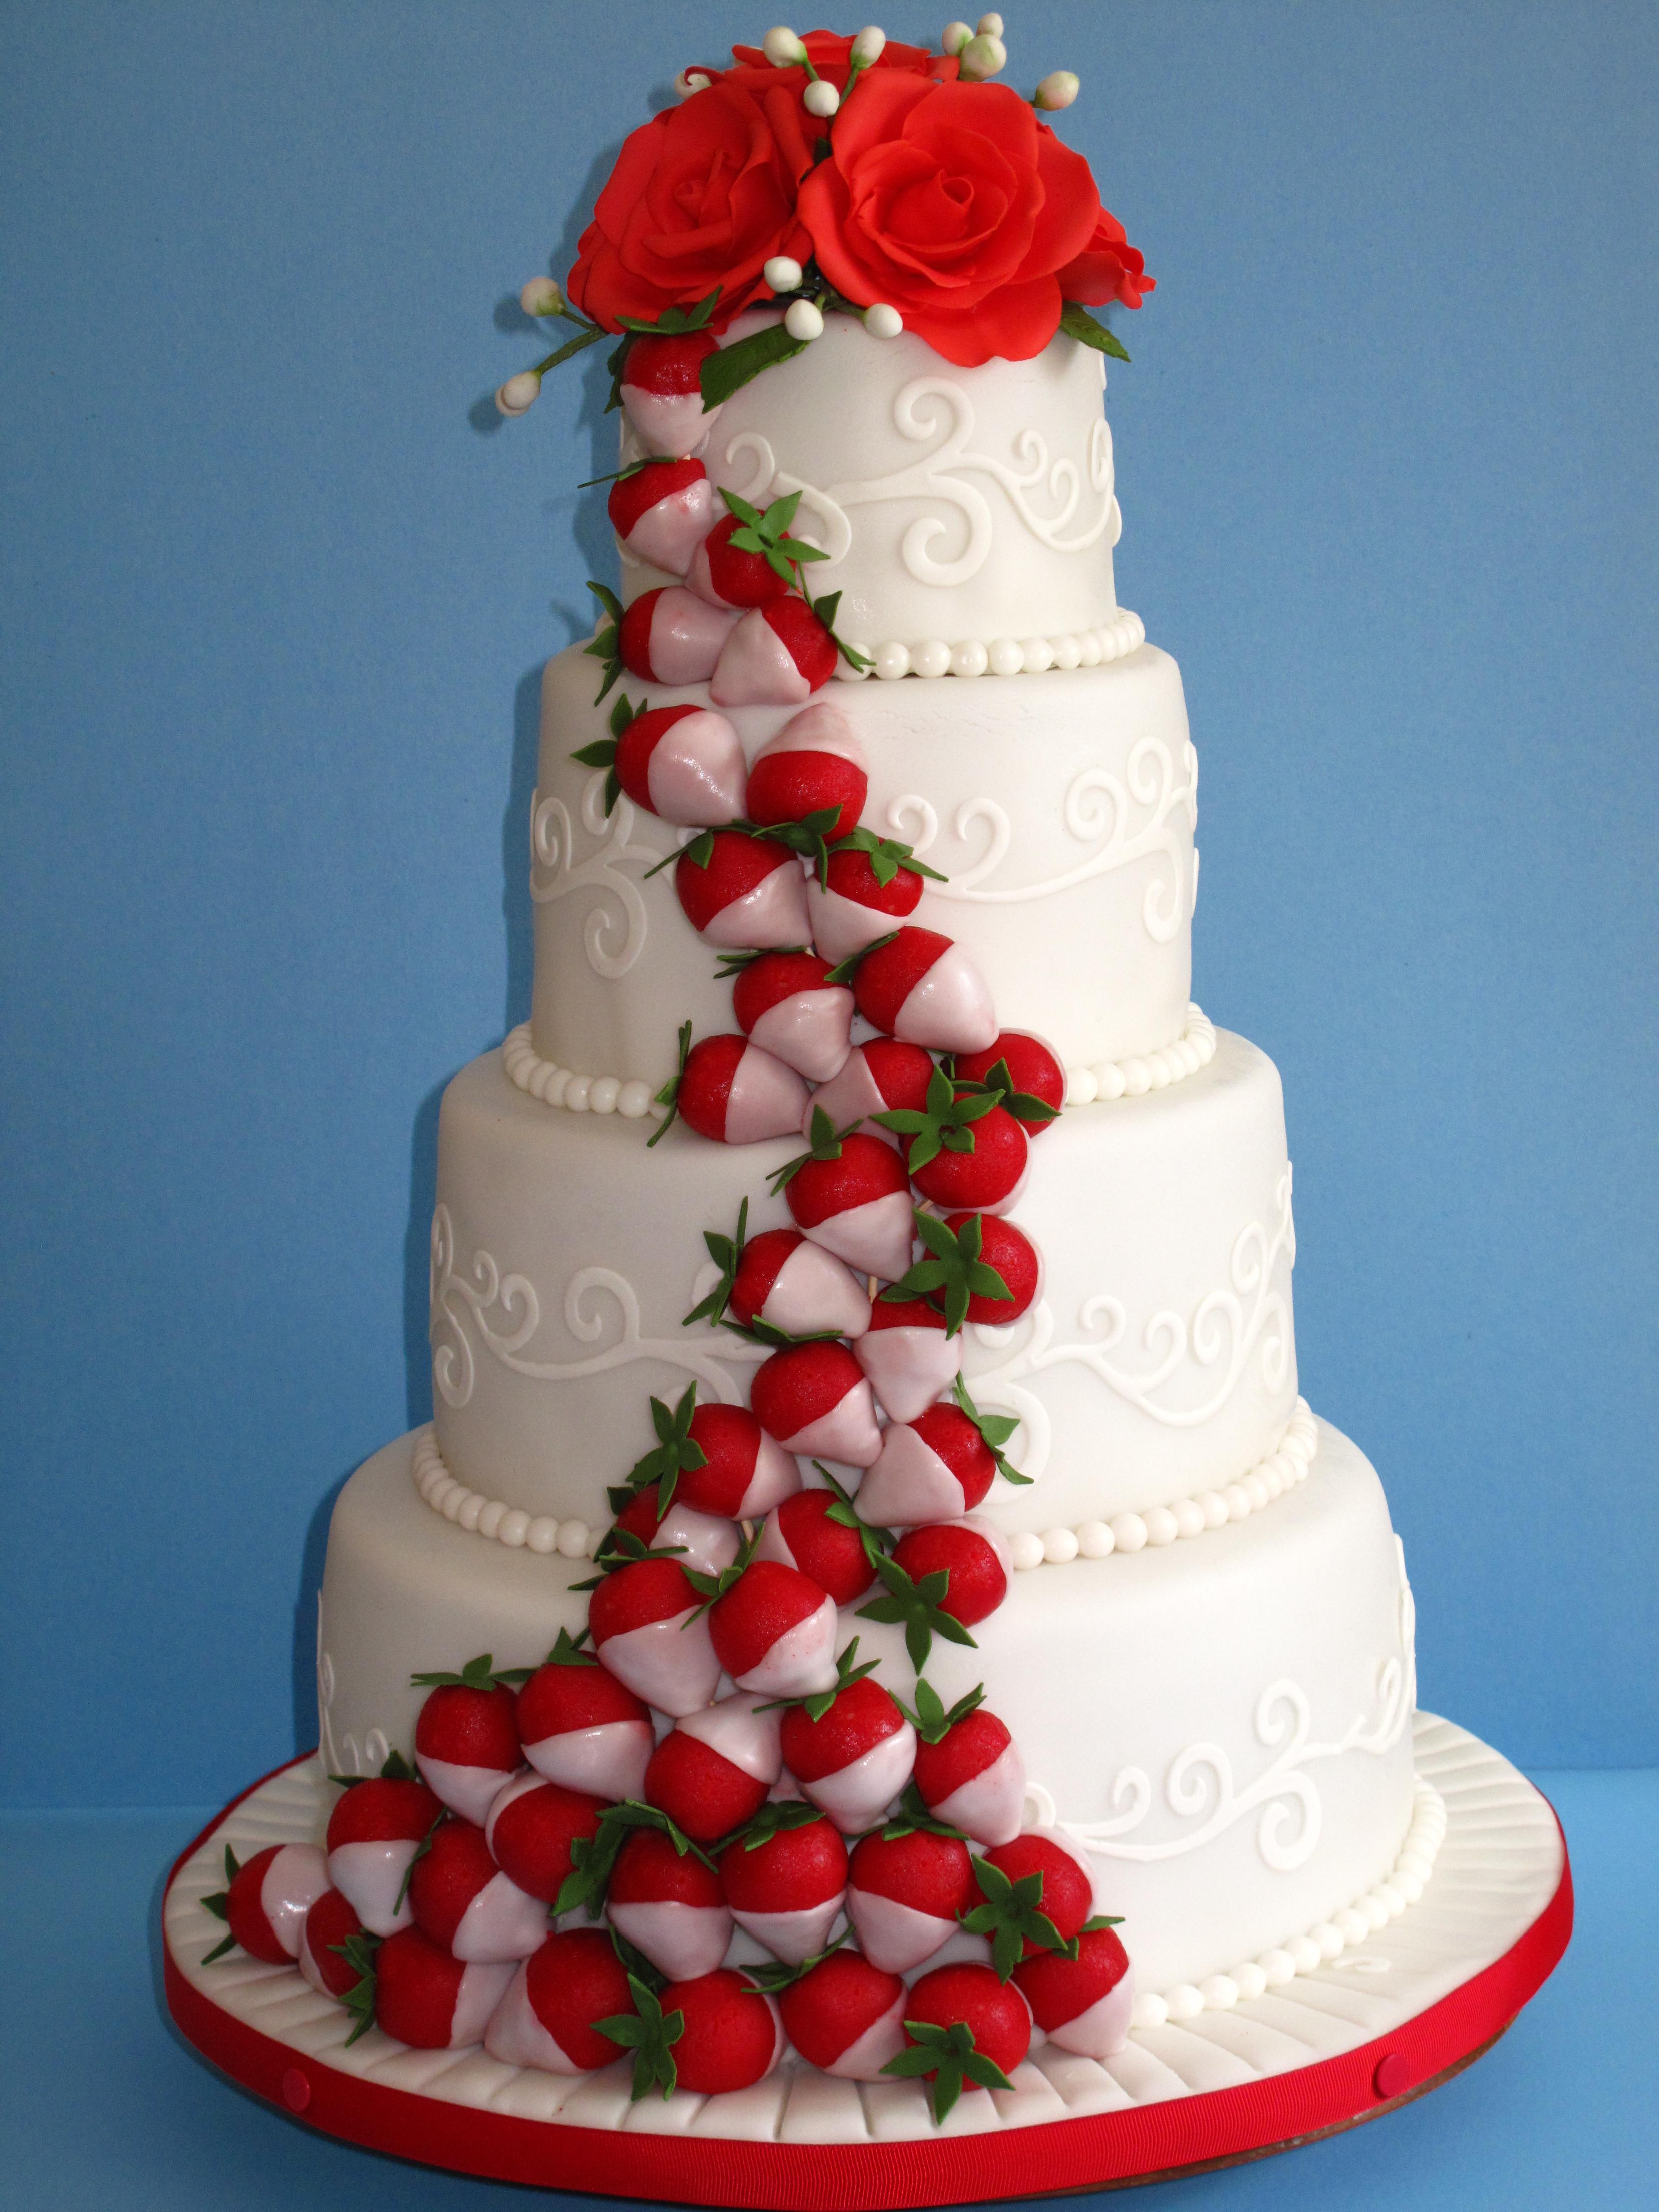 Gâteau de mariage-fraise,fraises:)